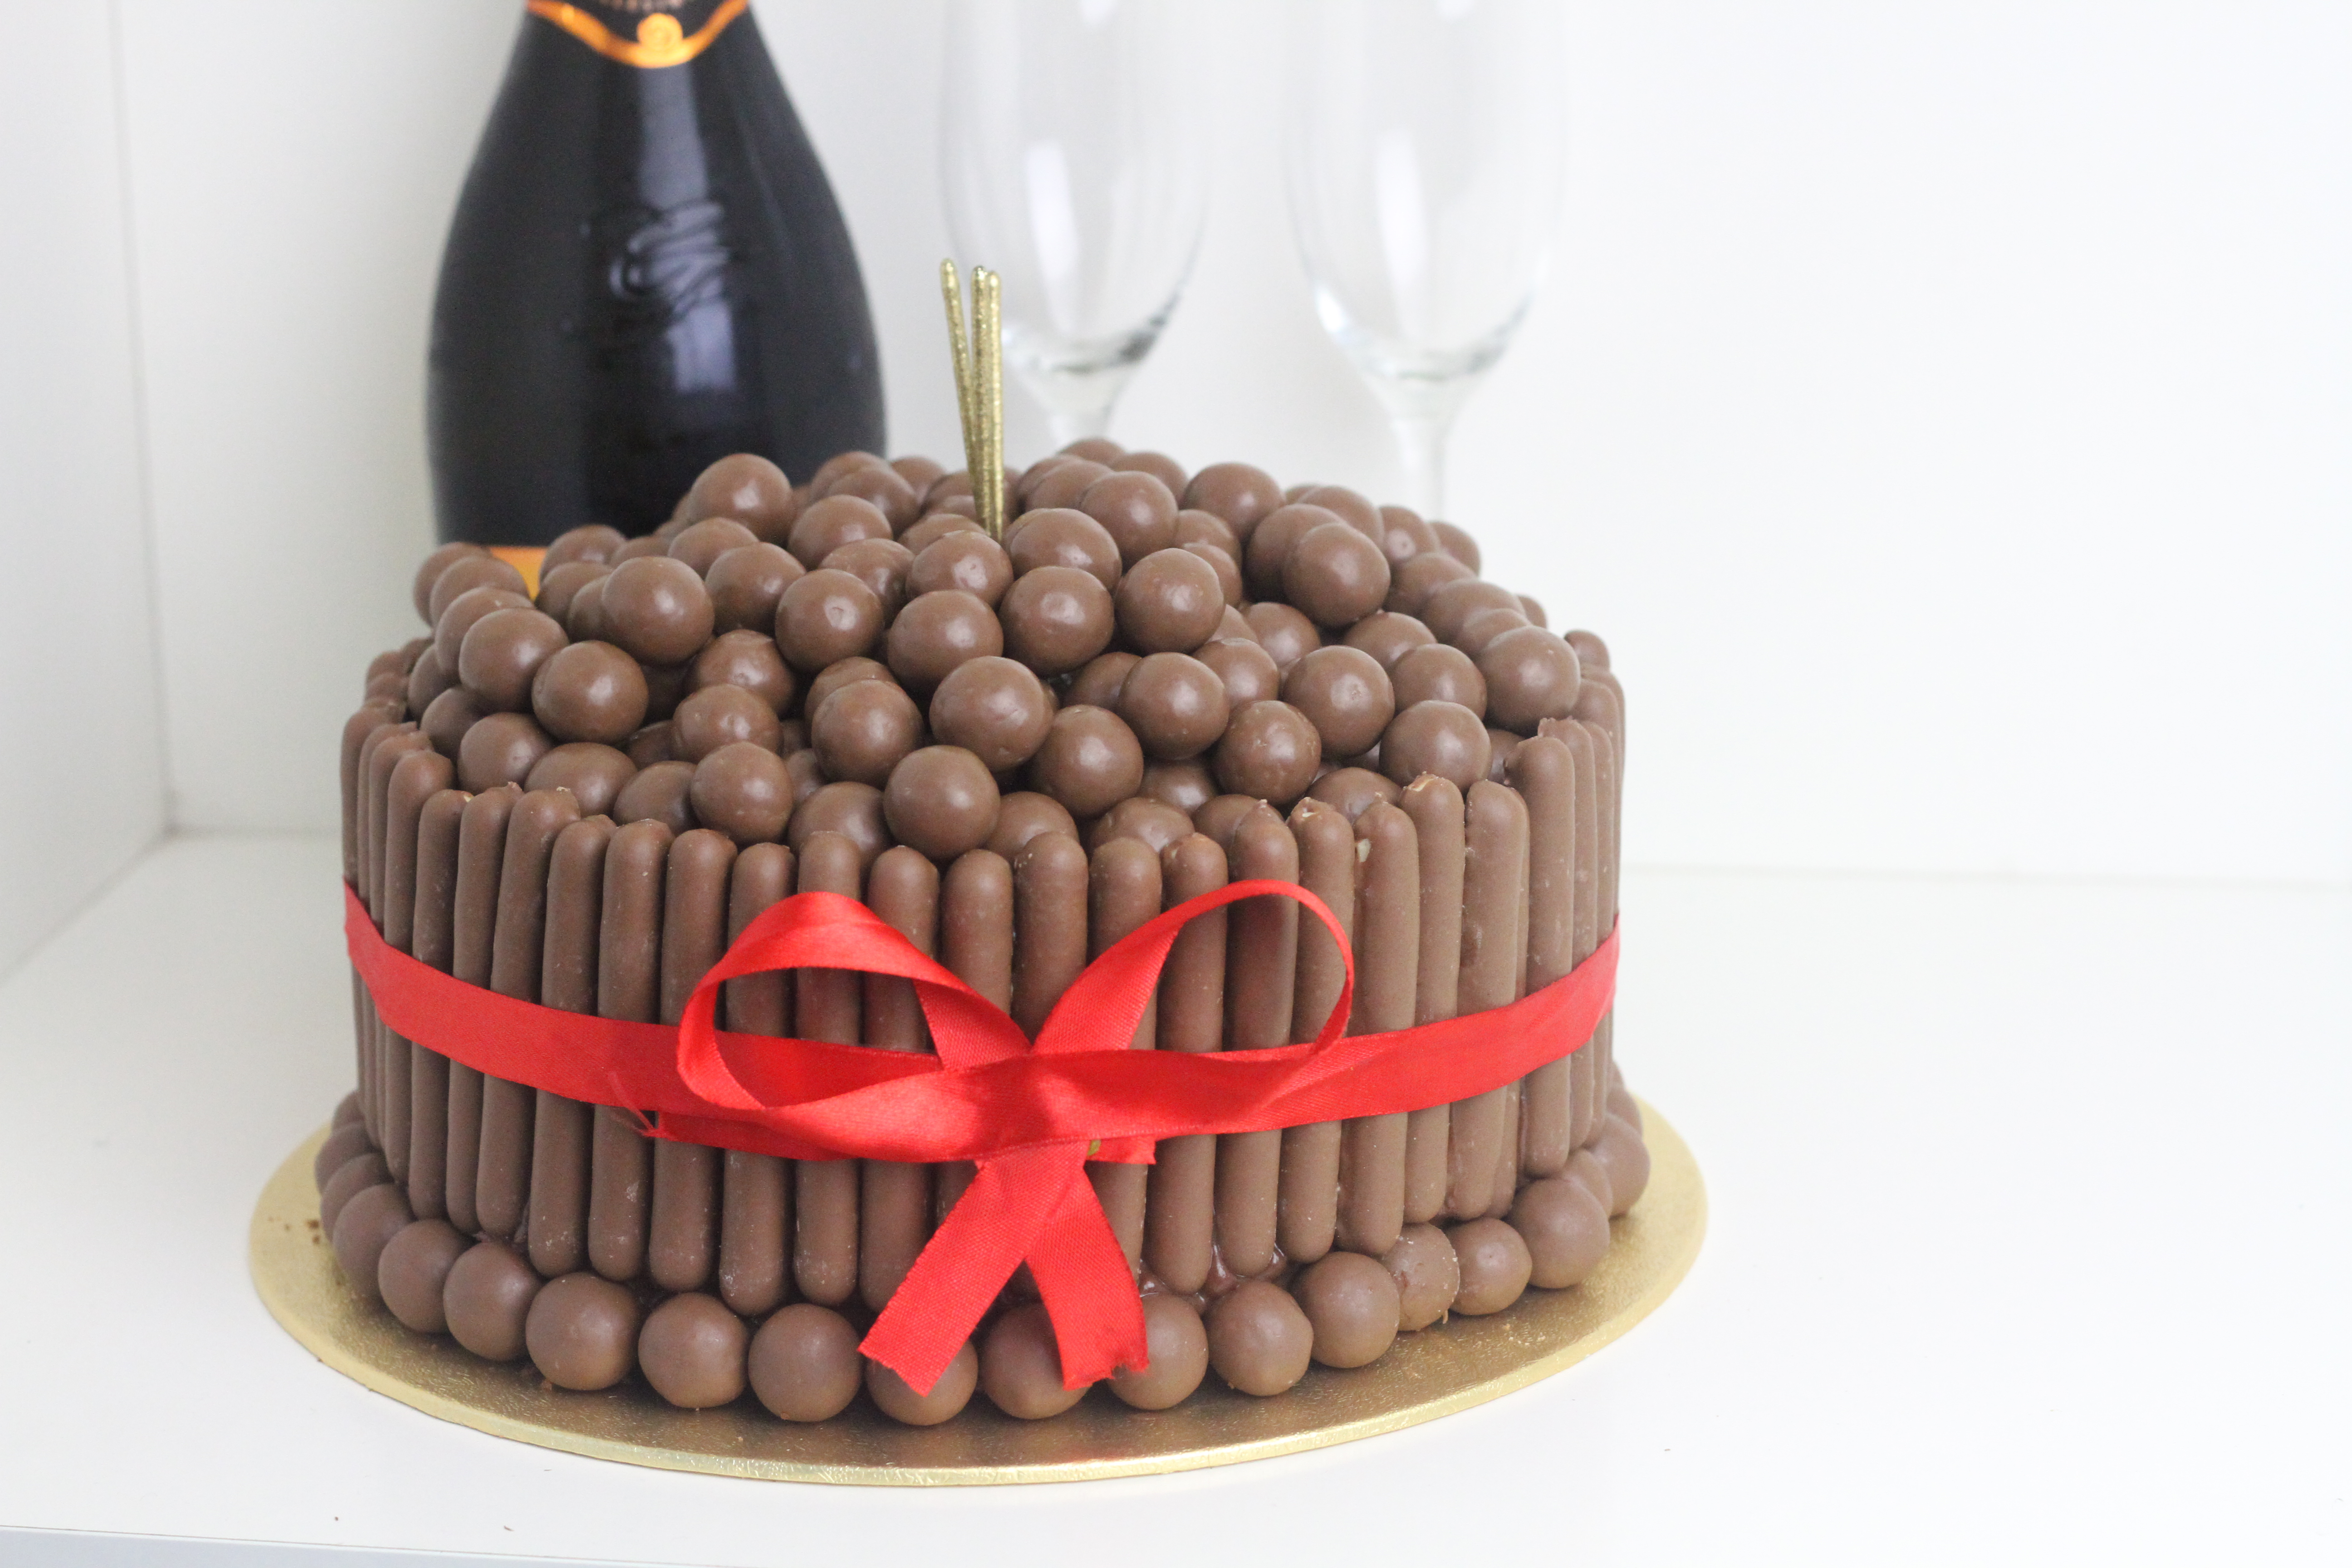 Malteser And Chocolate Finger Cake